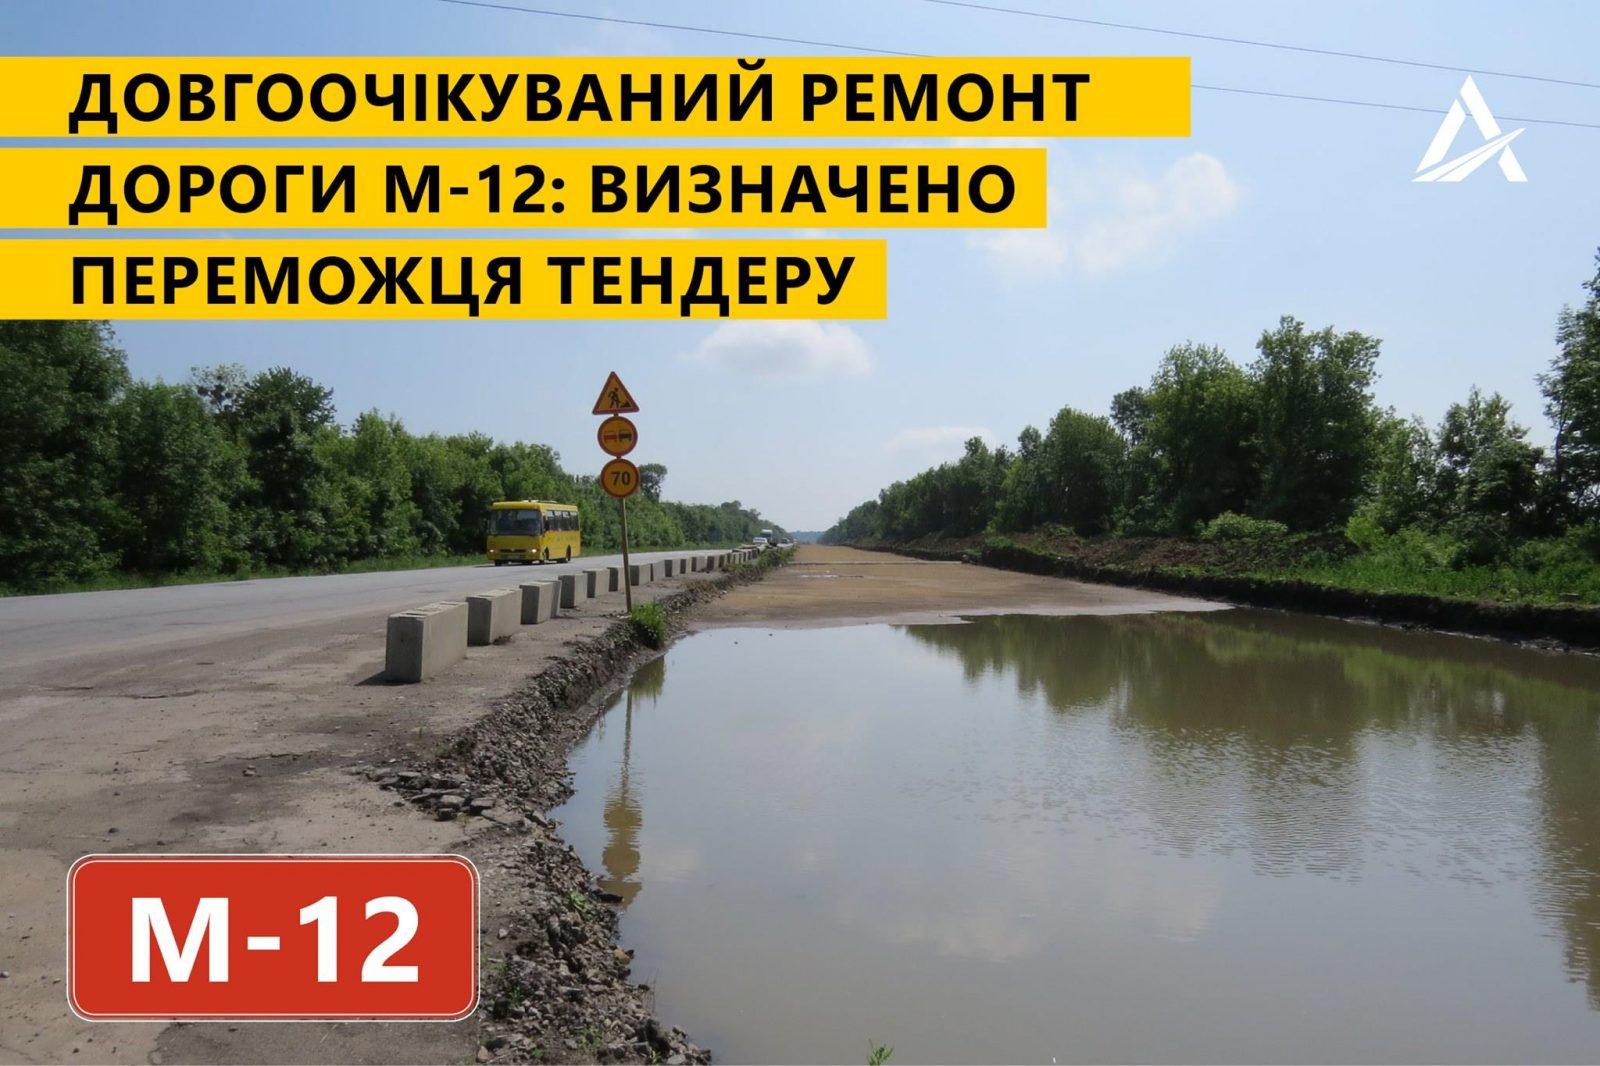 Ремонтувати дорогу М-12 буде Onur